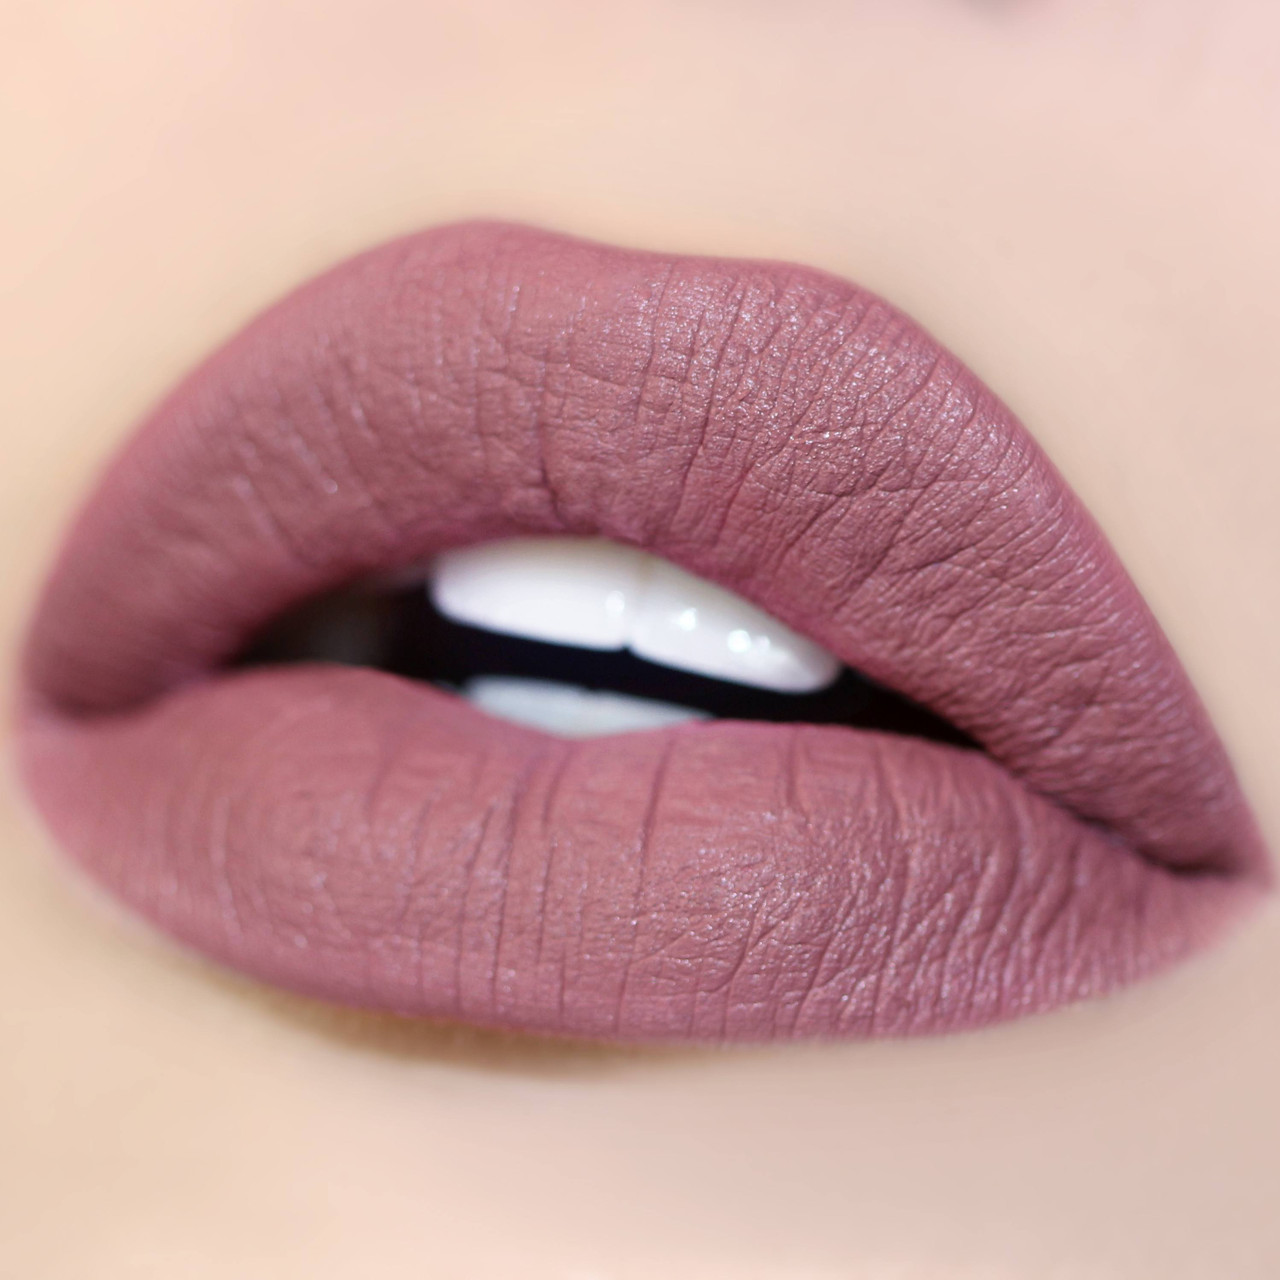 Сатиновая помада для губ ColourPop - Dopey